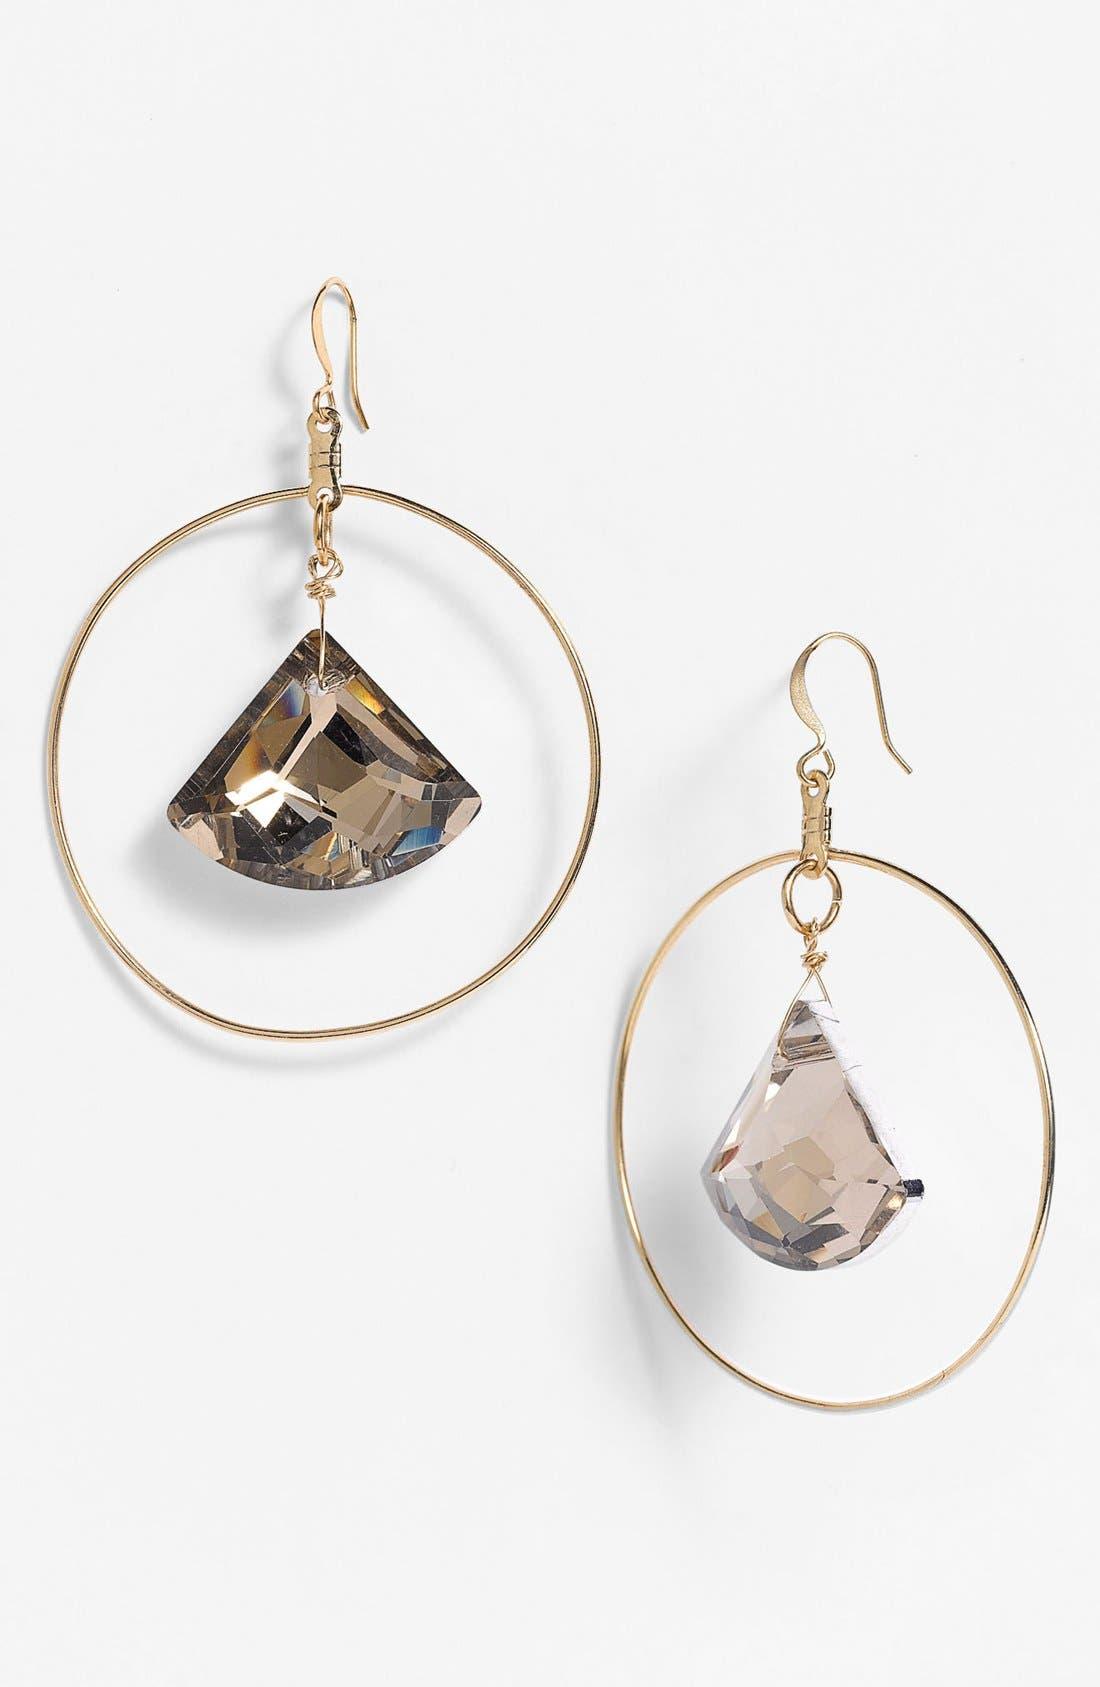 Main Image - Verdier Jewelry Crystal Hoop Earrings